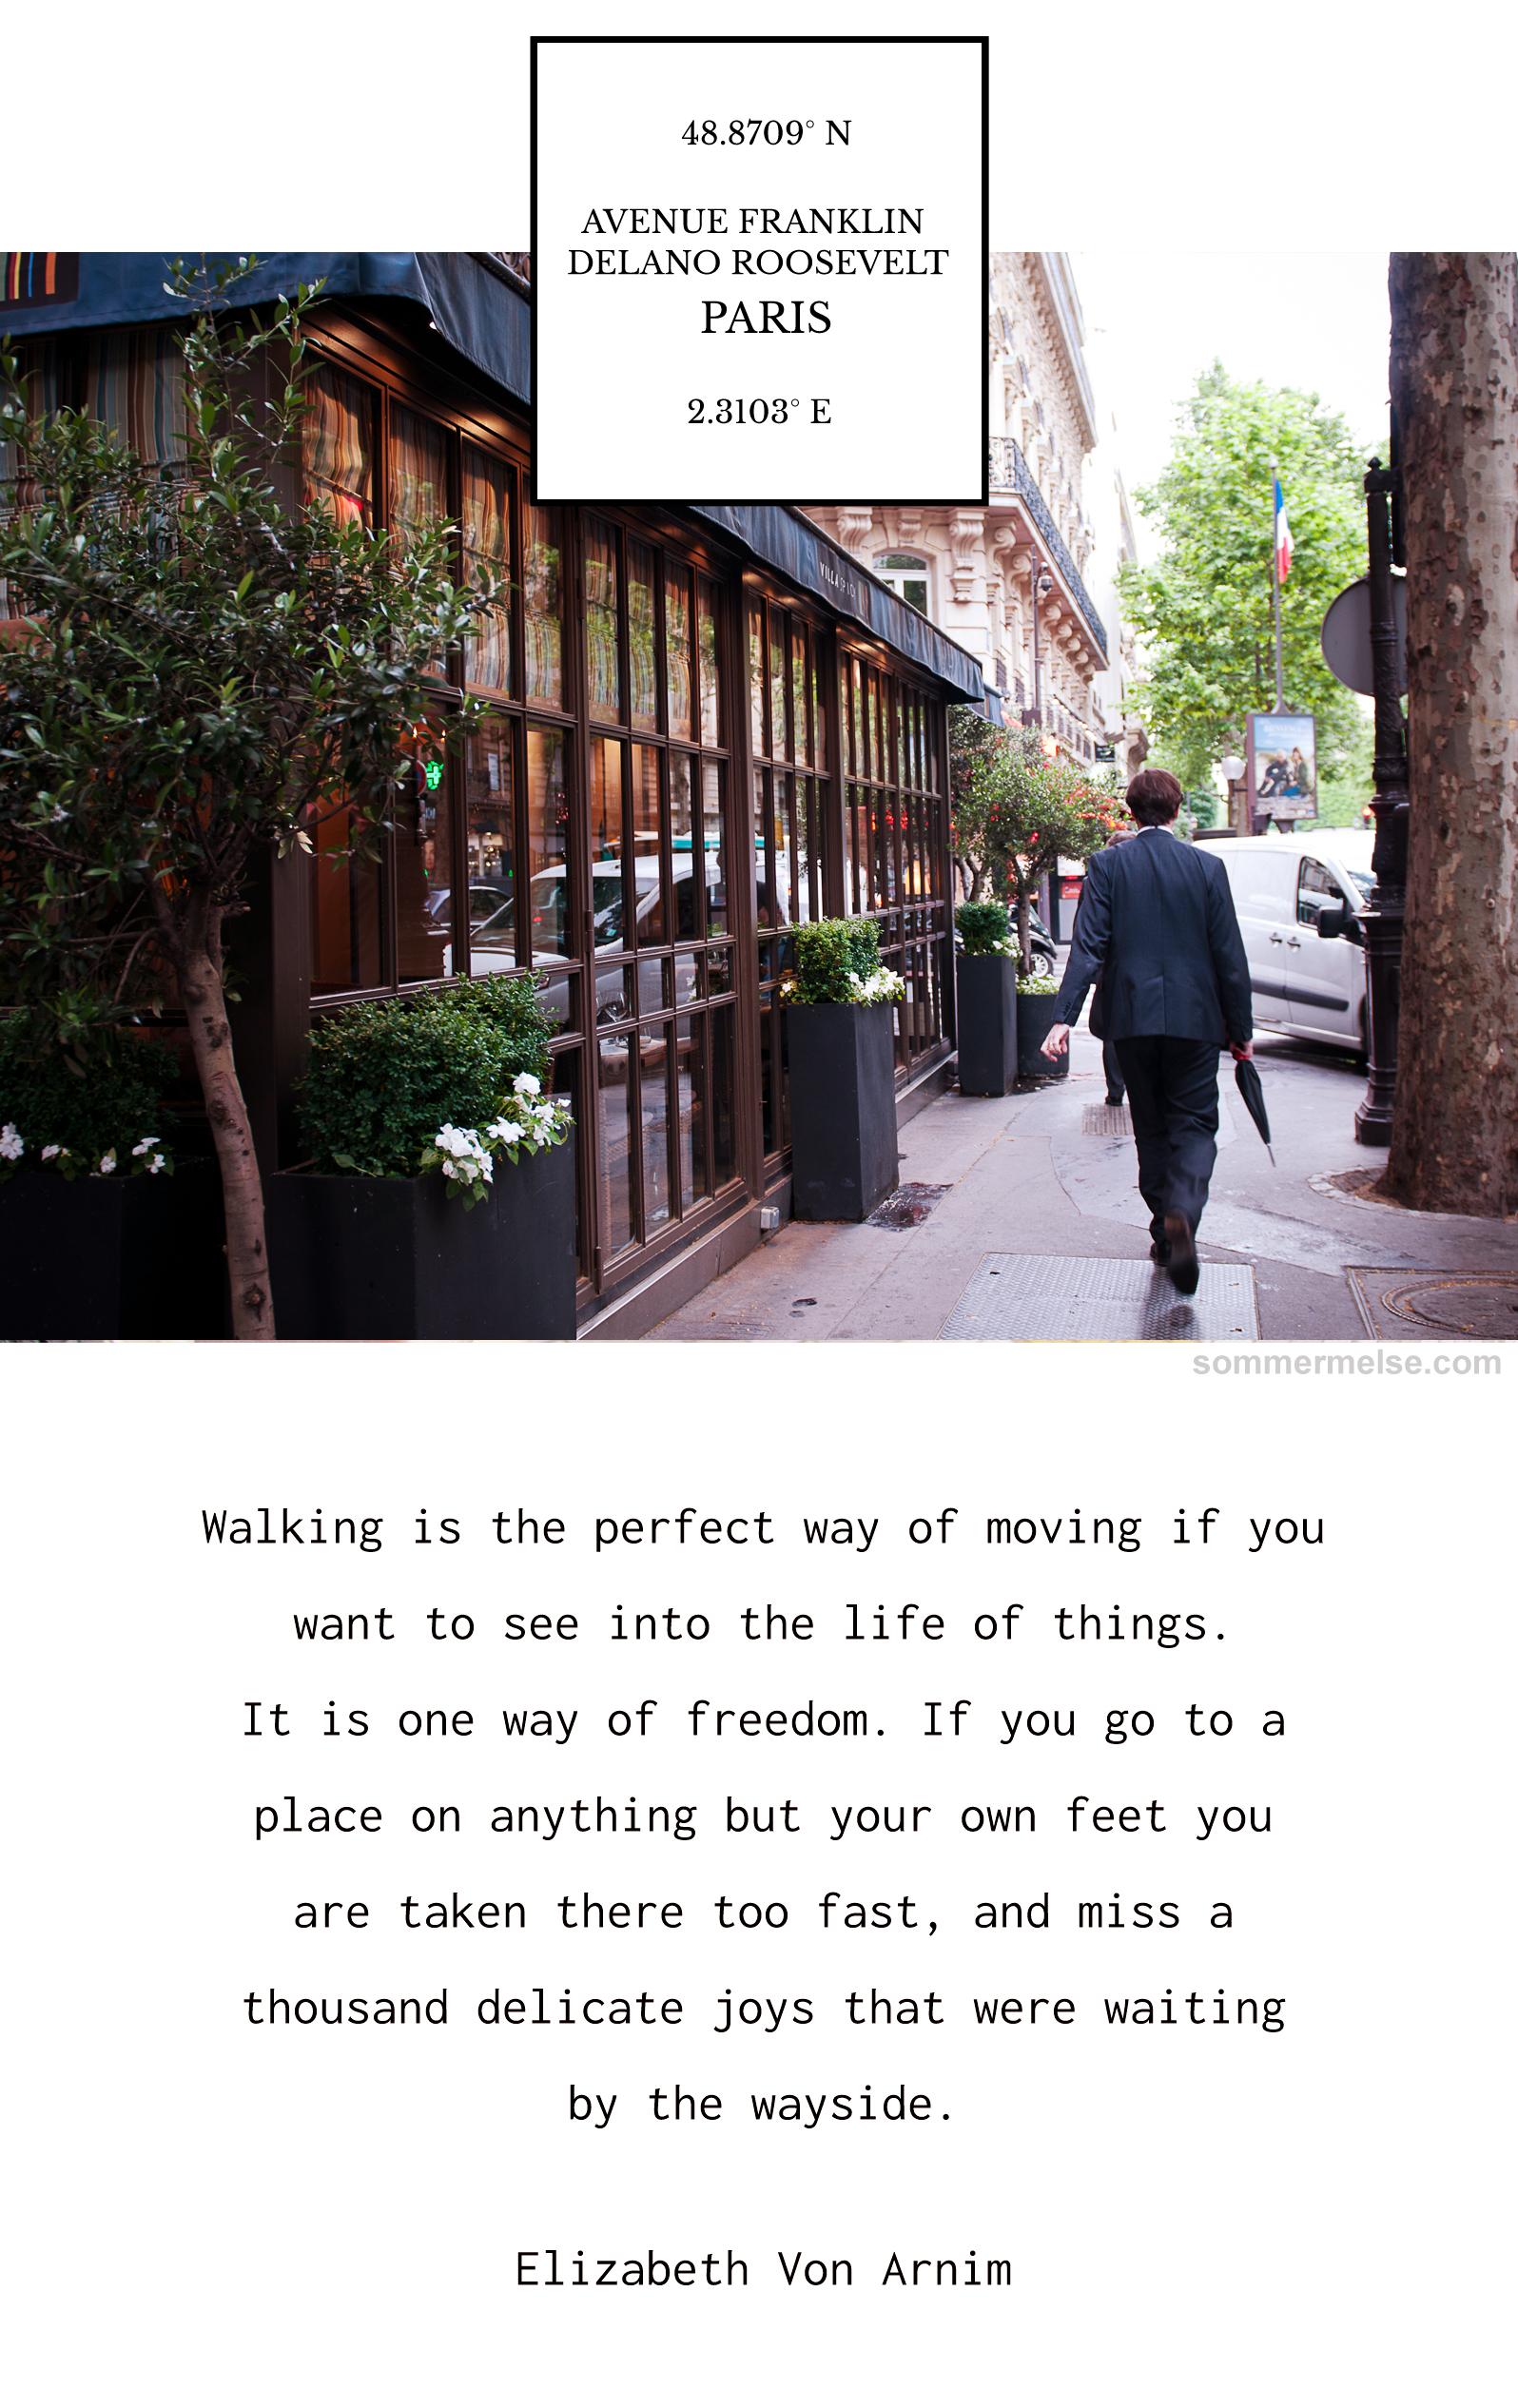 54_finding_wonder_walking_is_quote_elizabeth_von_armin_paris